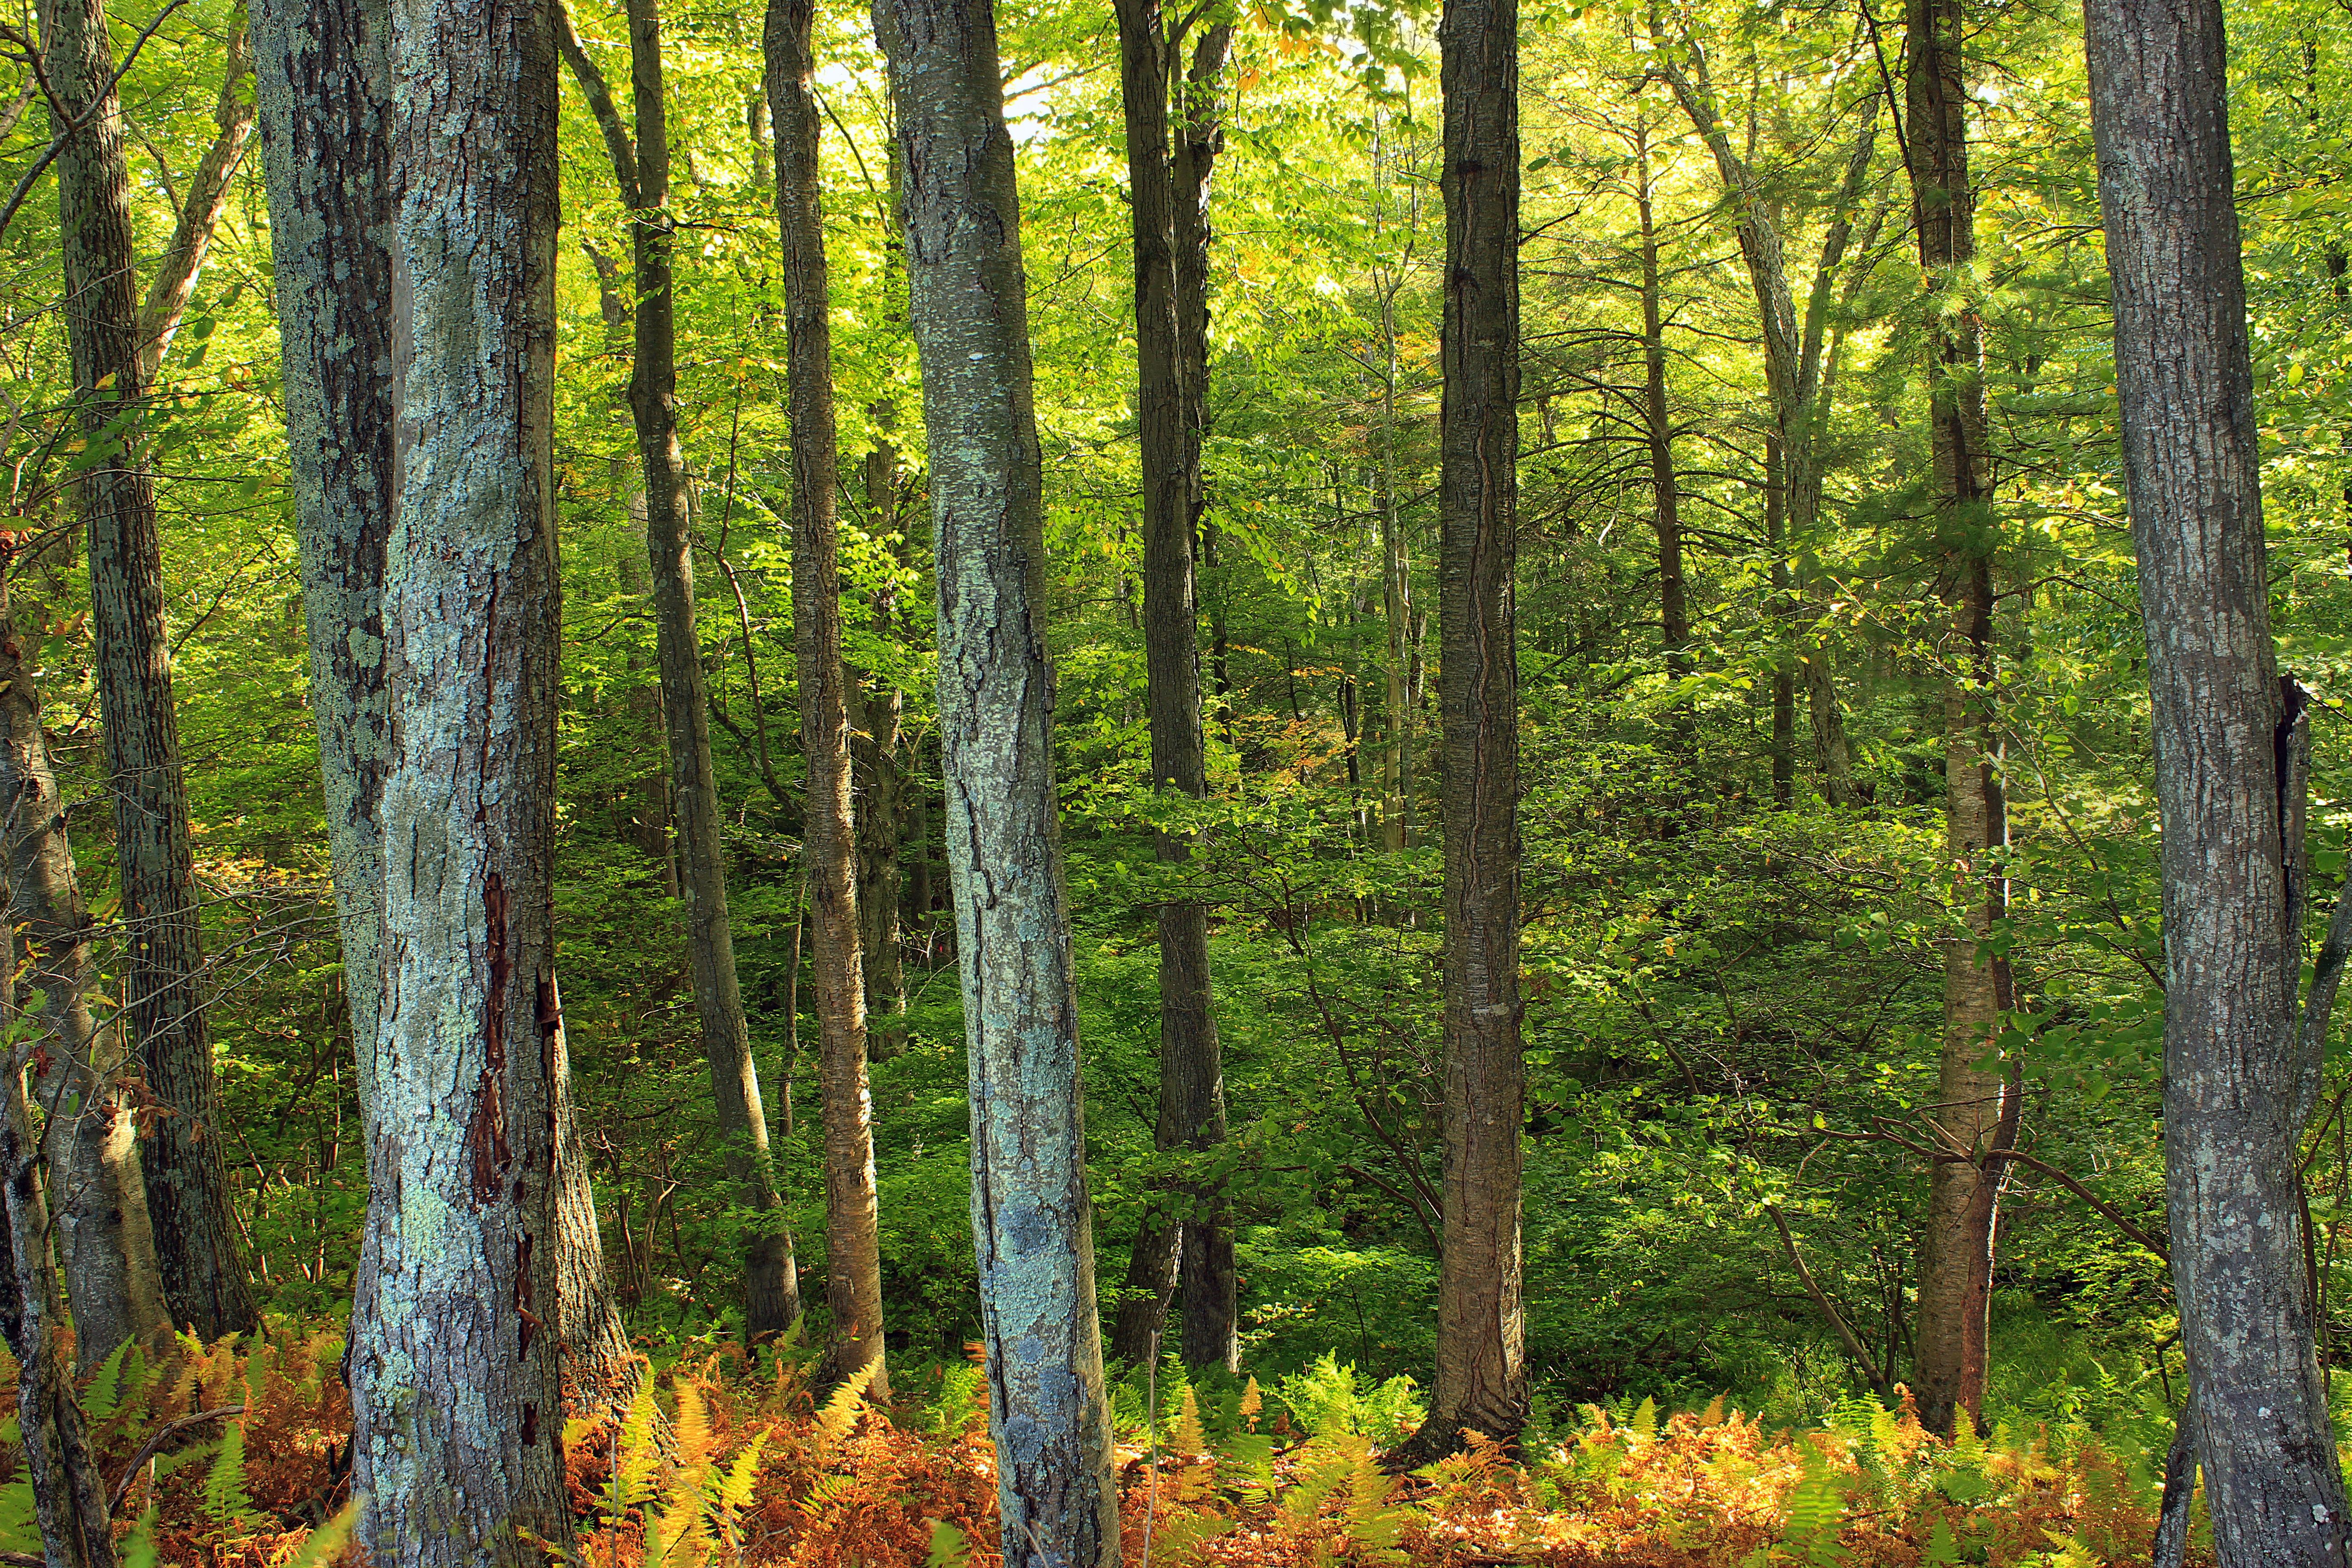 лиственный лес картинки для презентации времени суток